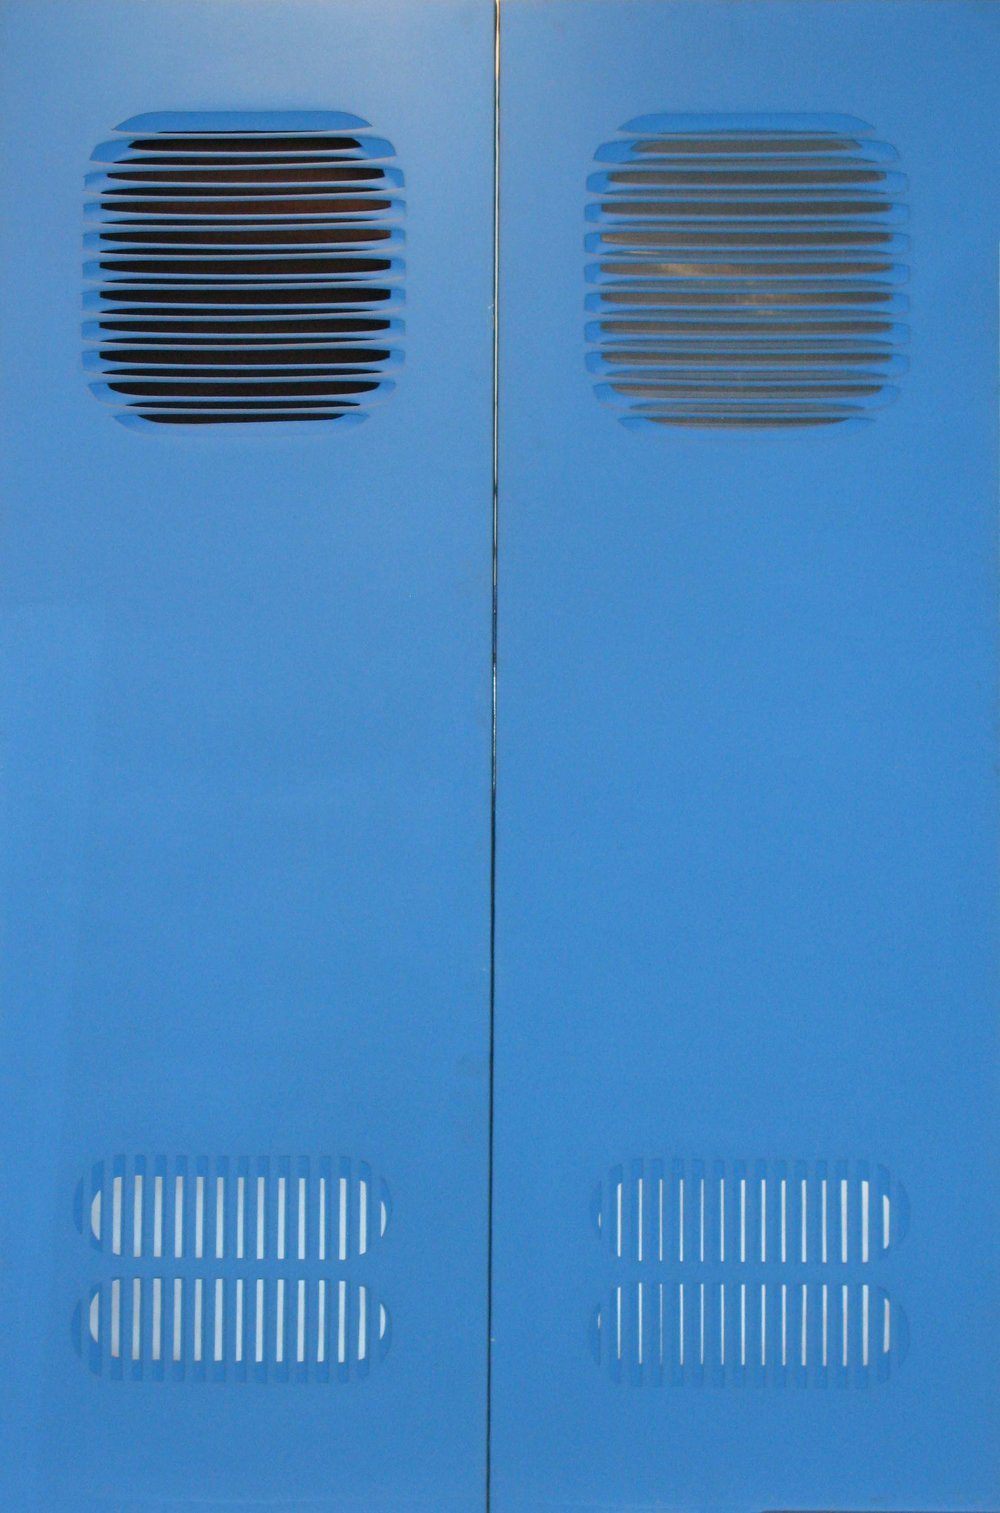 Doppia Struttura in Azzurro, 1970